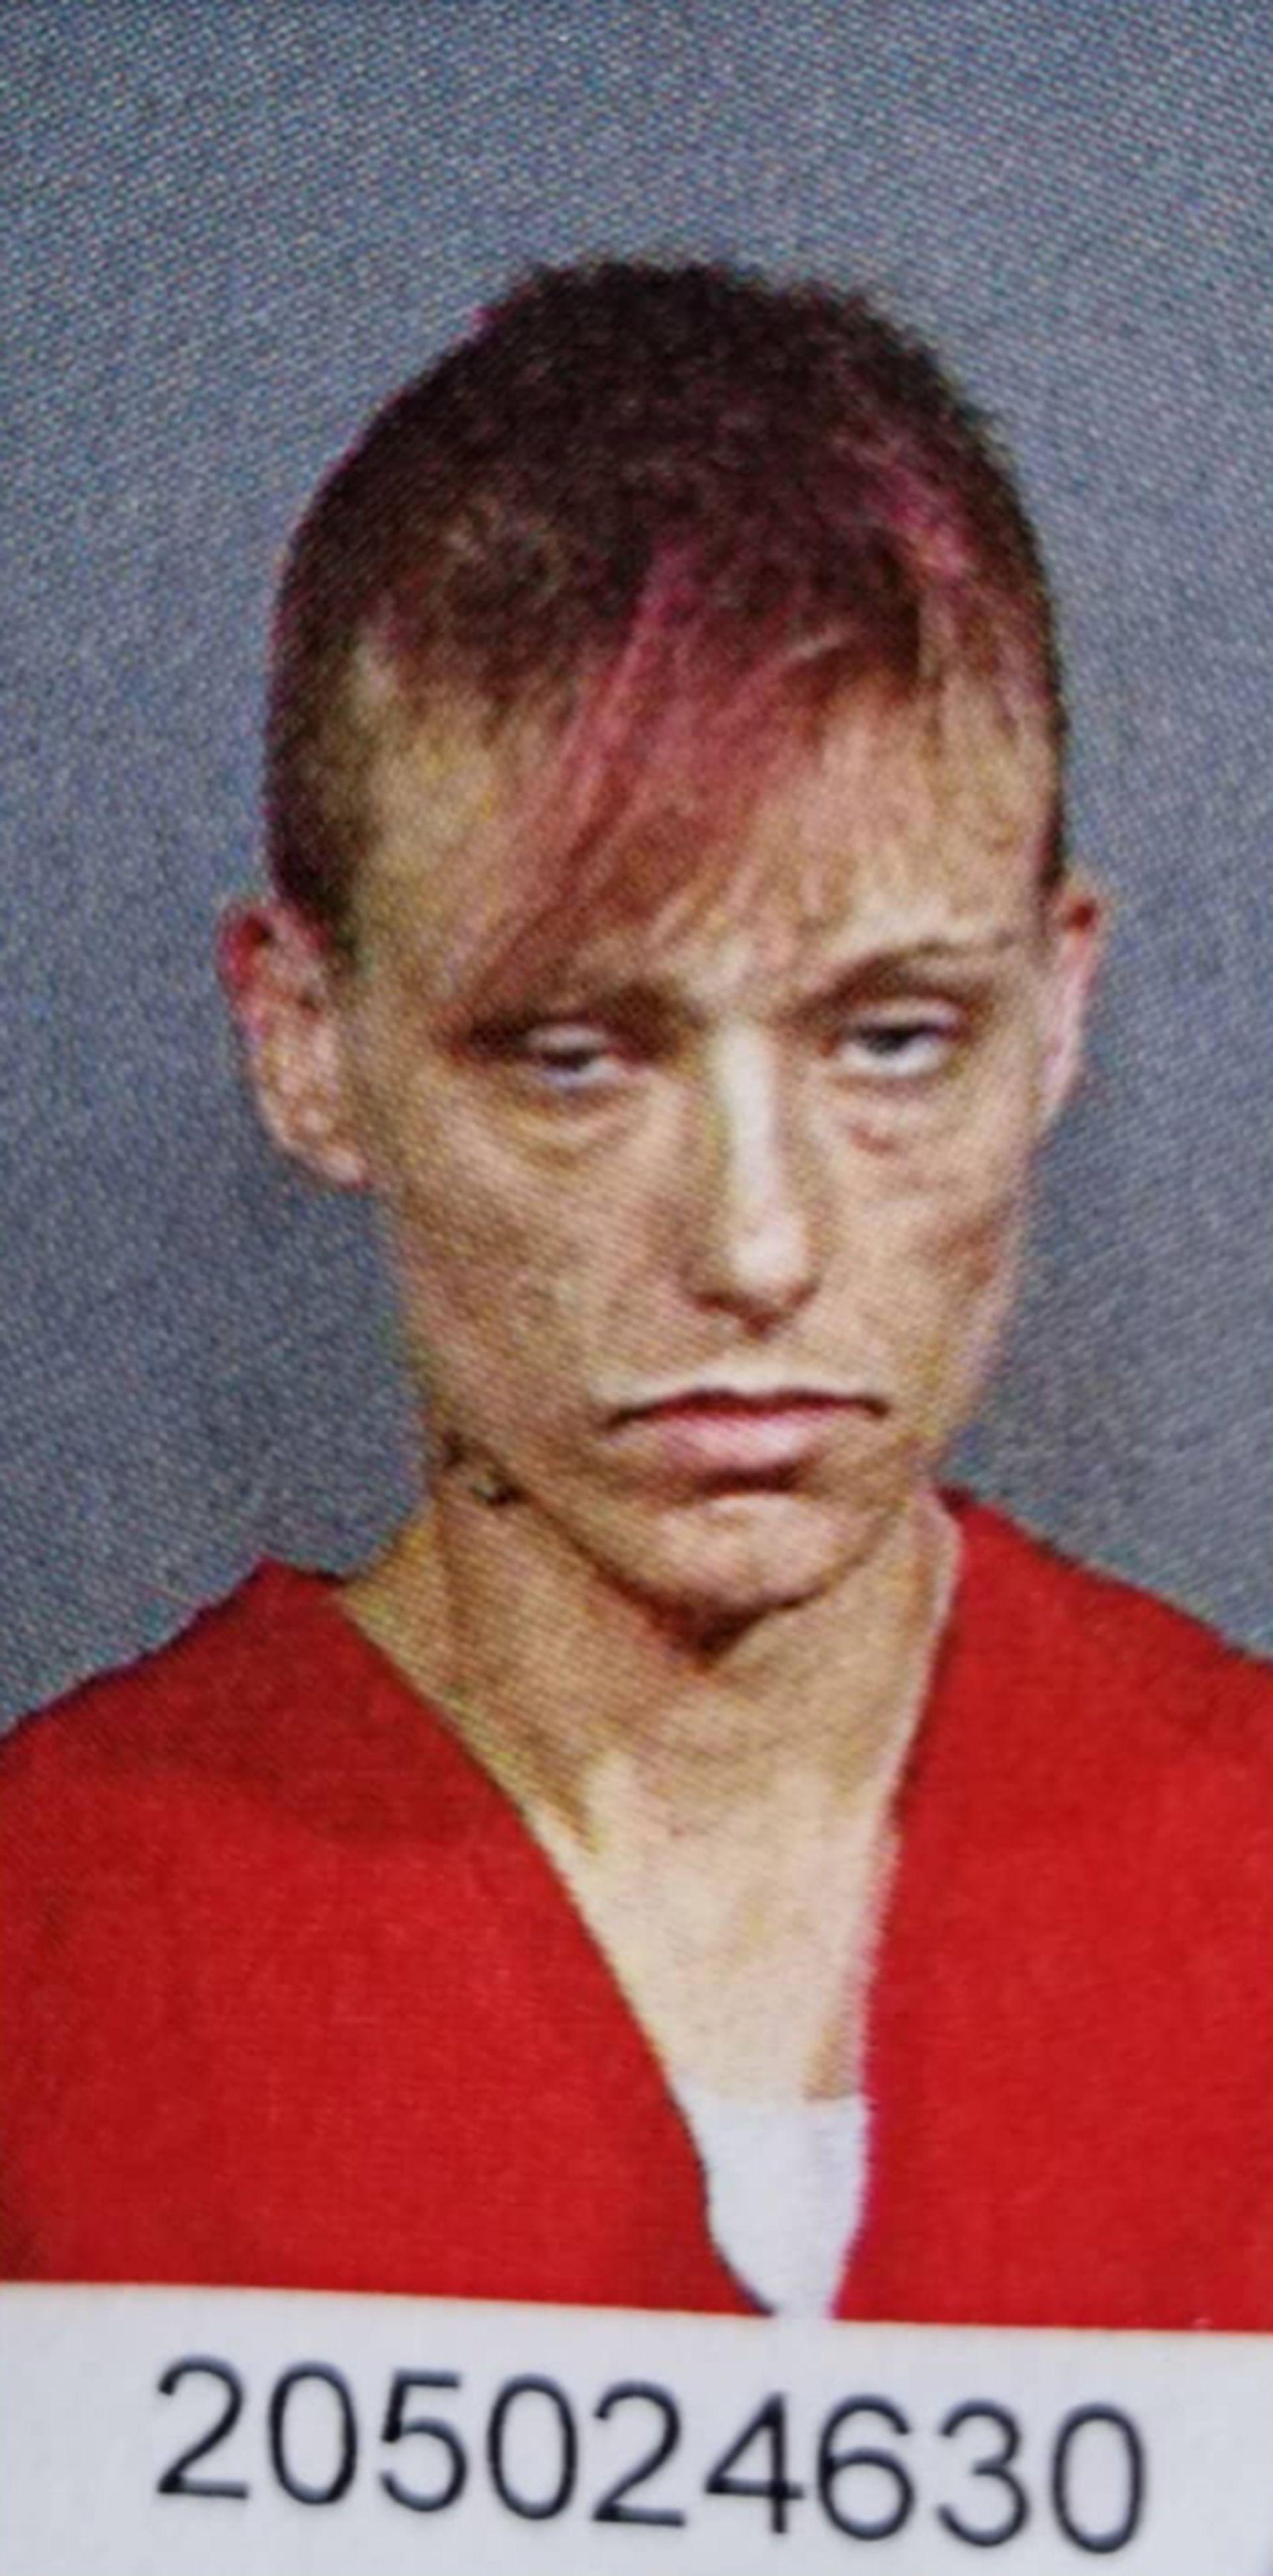 美女子6岁吸大麻 40岁发奋戒毒还从名校毕业 对比照疯传